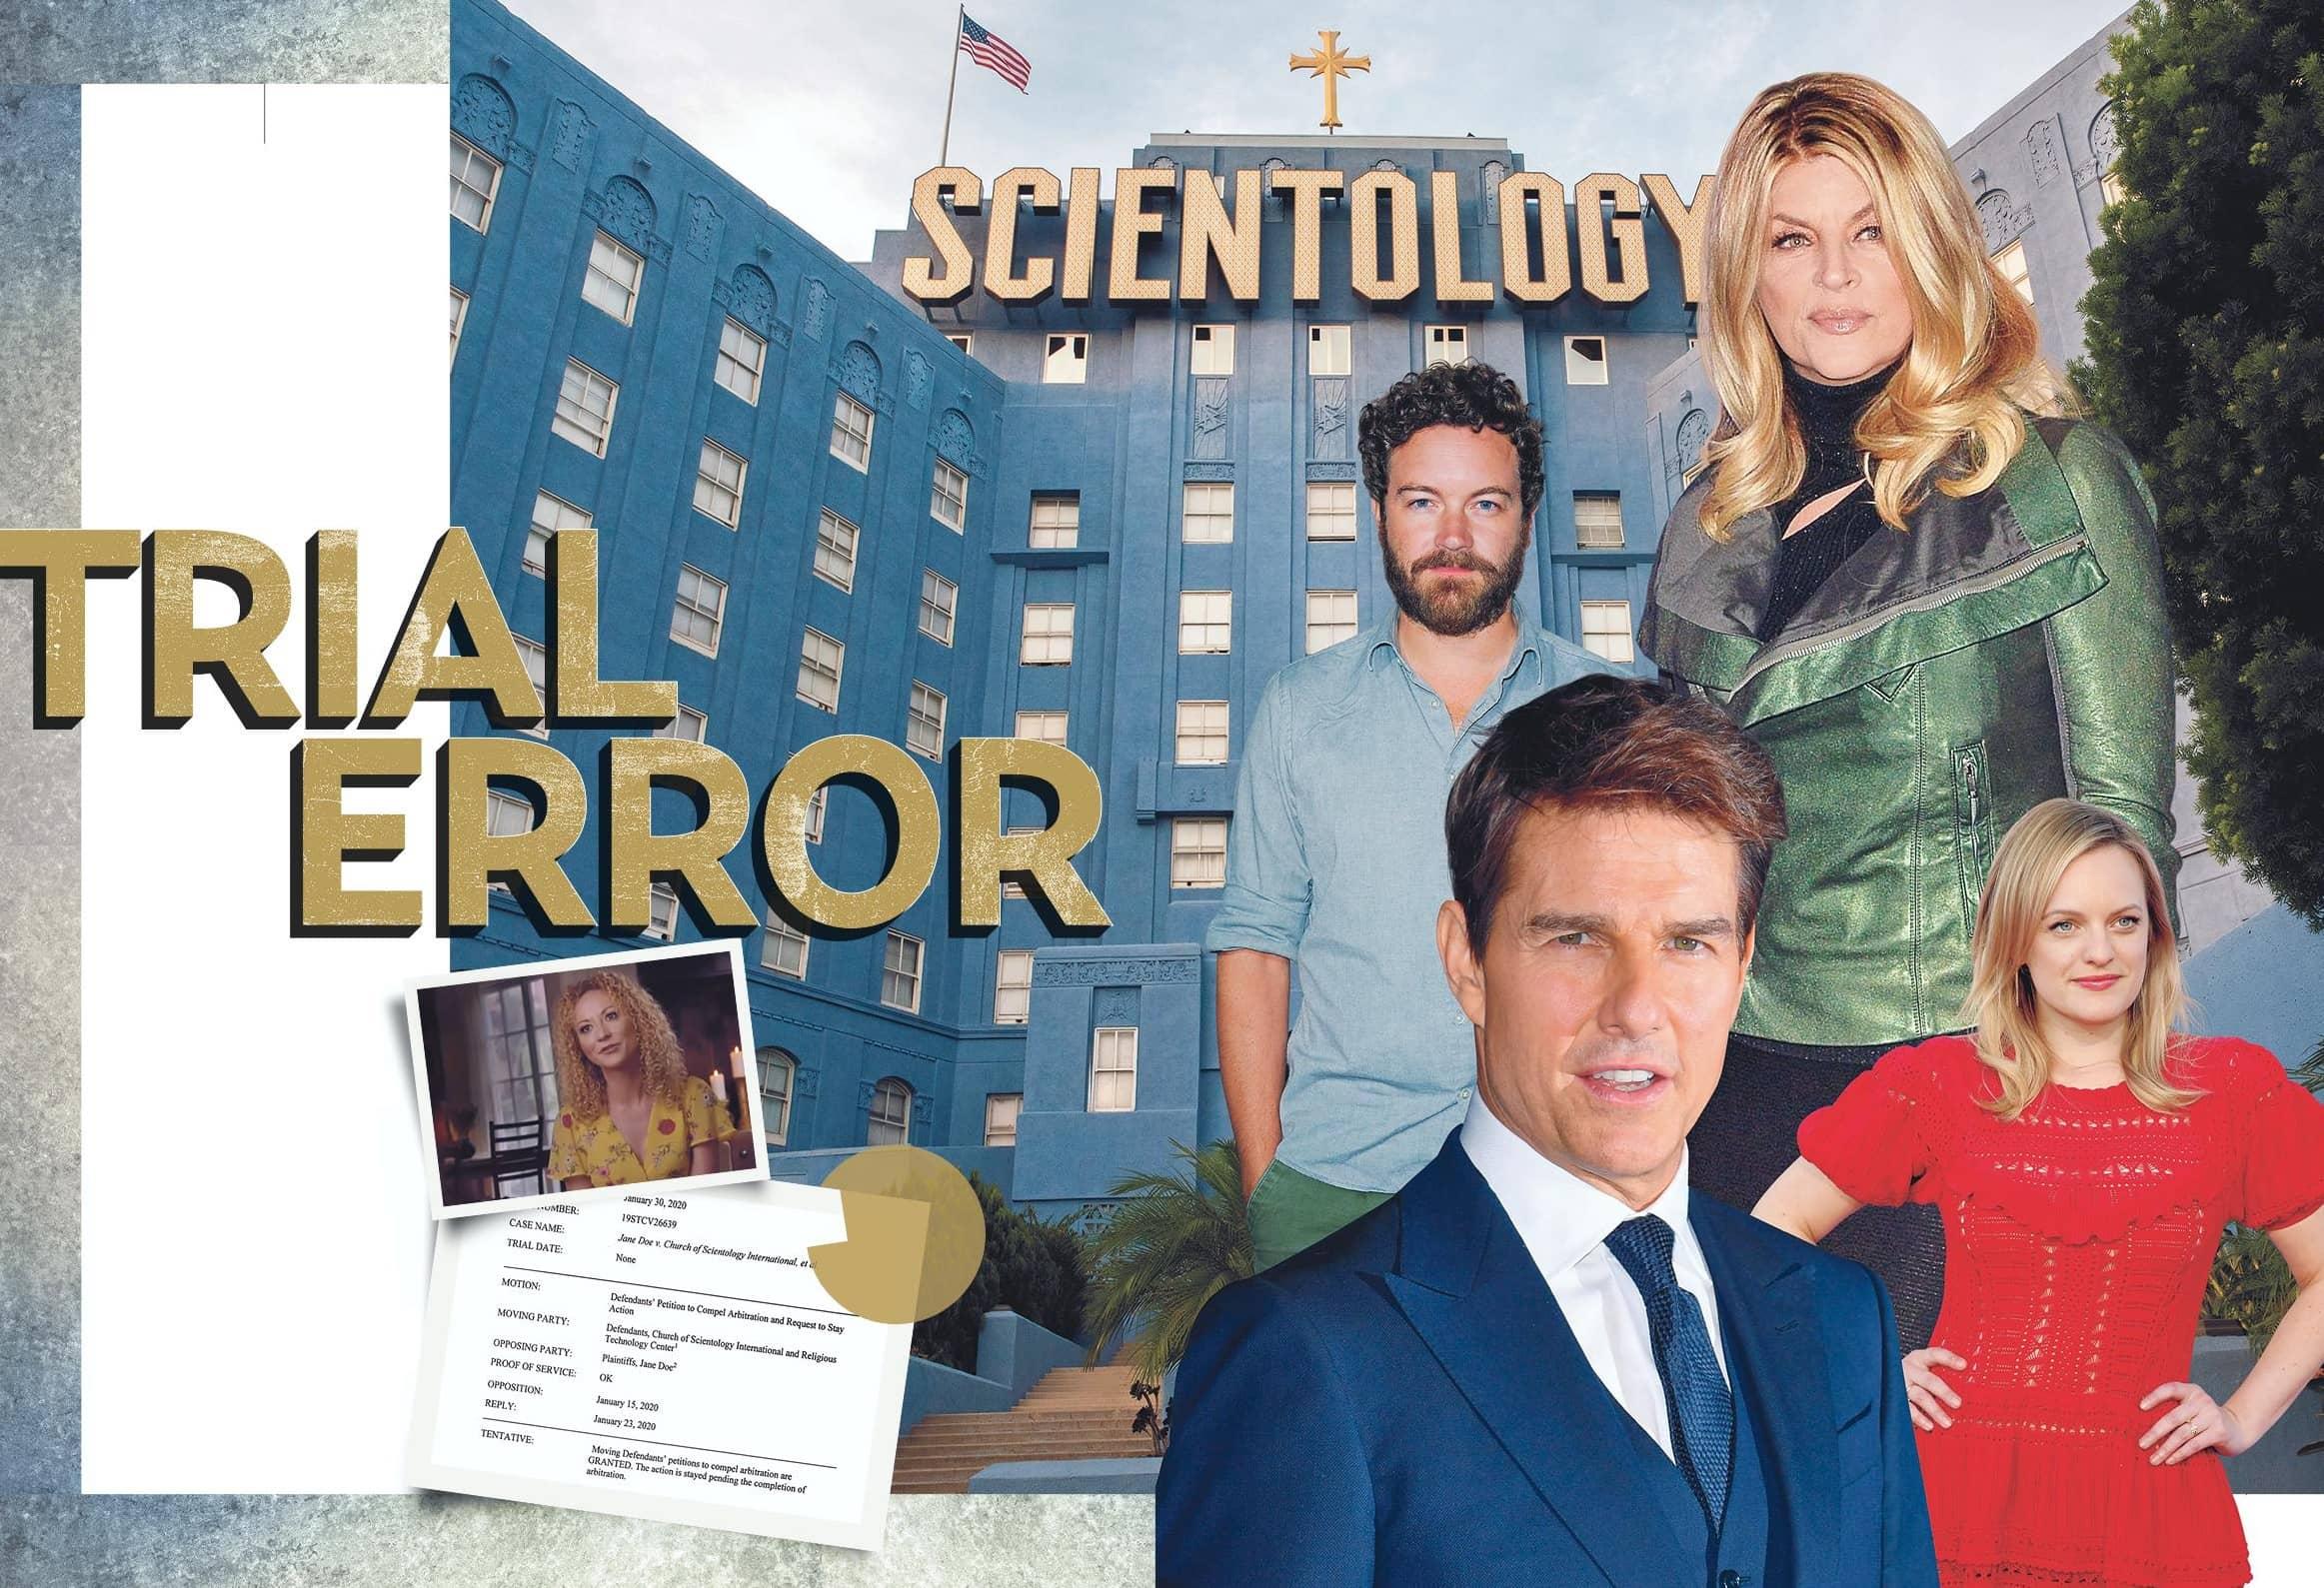 Scientology Scandal TRIAL & ERROR